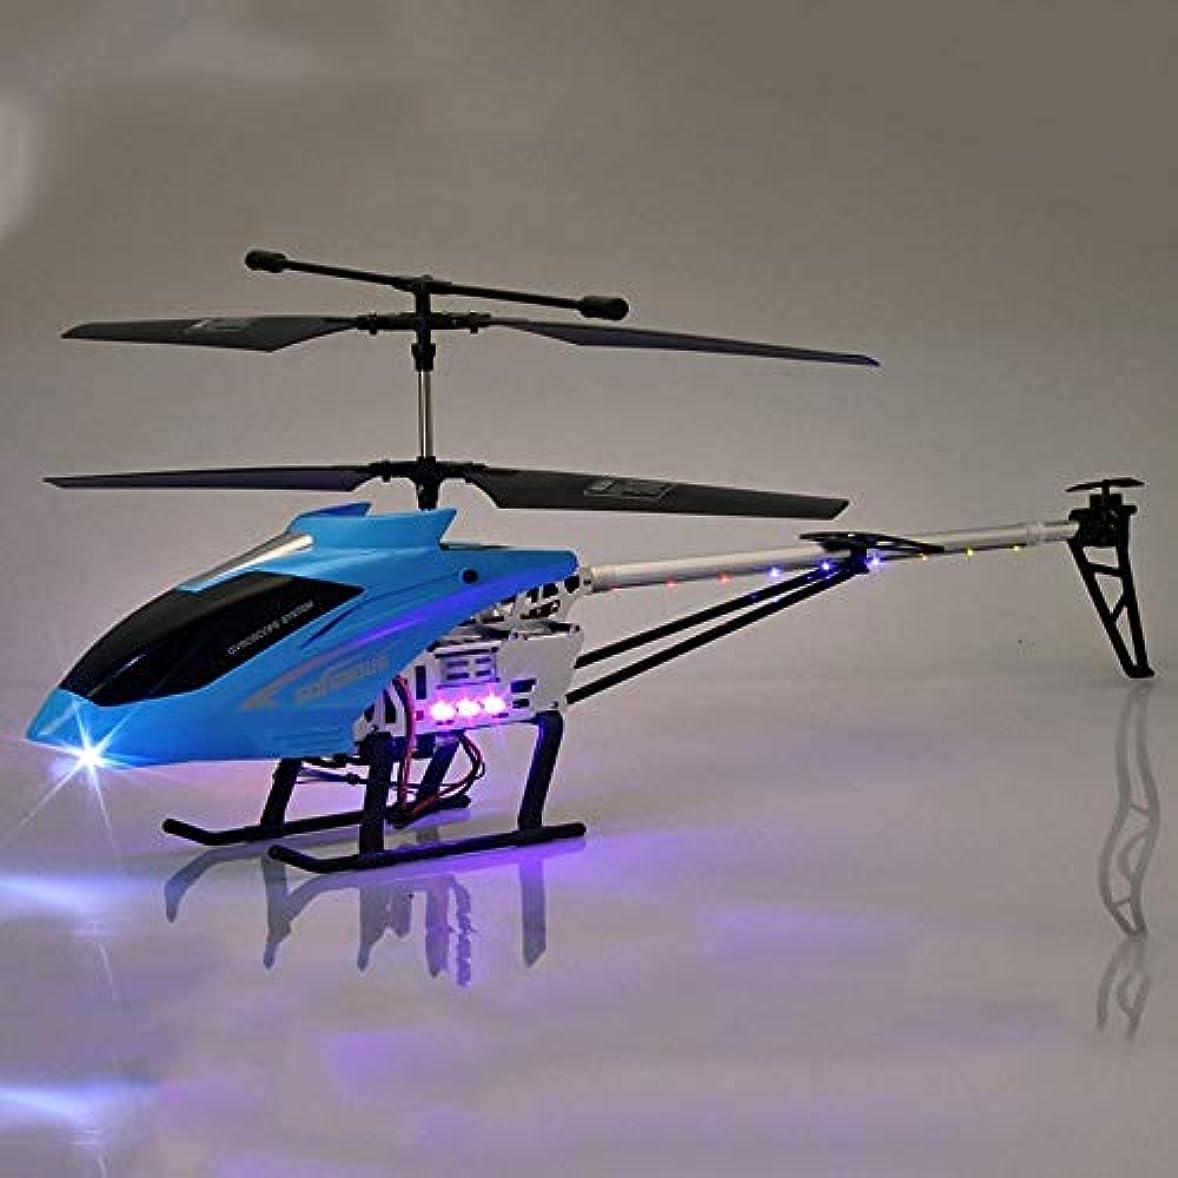 郡熟読教えWWFAN ビッグサイズの衝突防止フライングの安定した抵抗に低下RCヘリコプター赤外線誘導2.4GHZリモート航空機3.5CHジャイロドローン簡単には良い操作ボーイ玩具用キッズ大人(ブルー)はこちら ( Color : Blue )